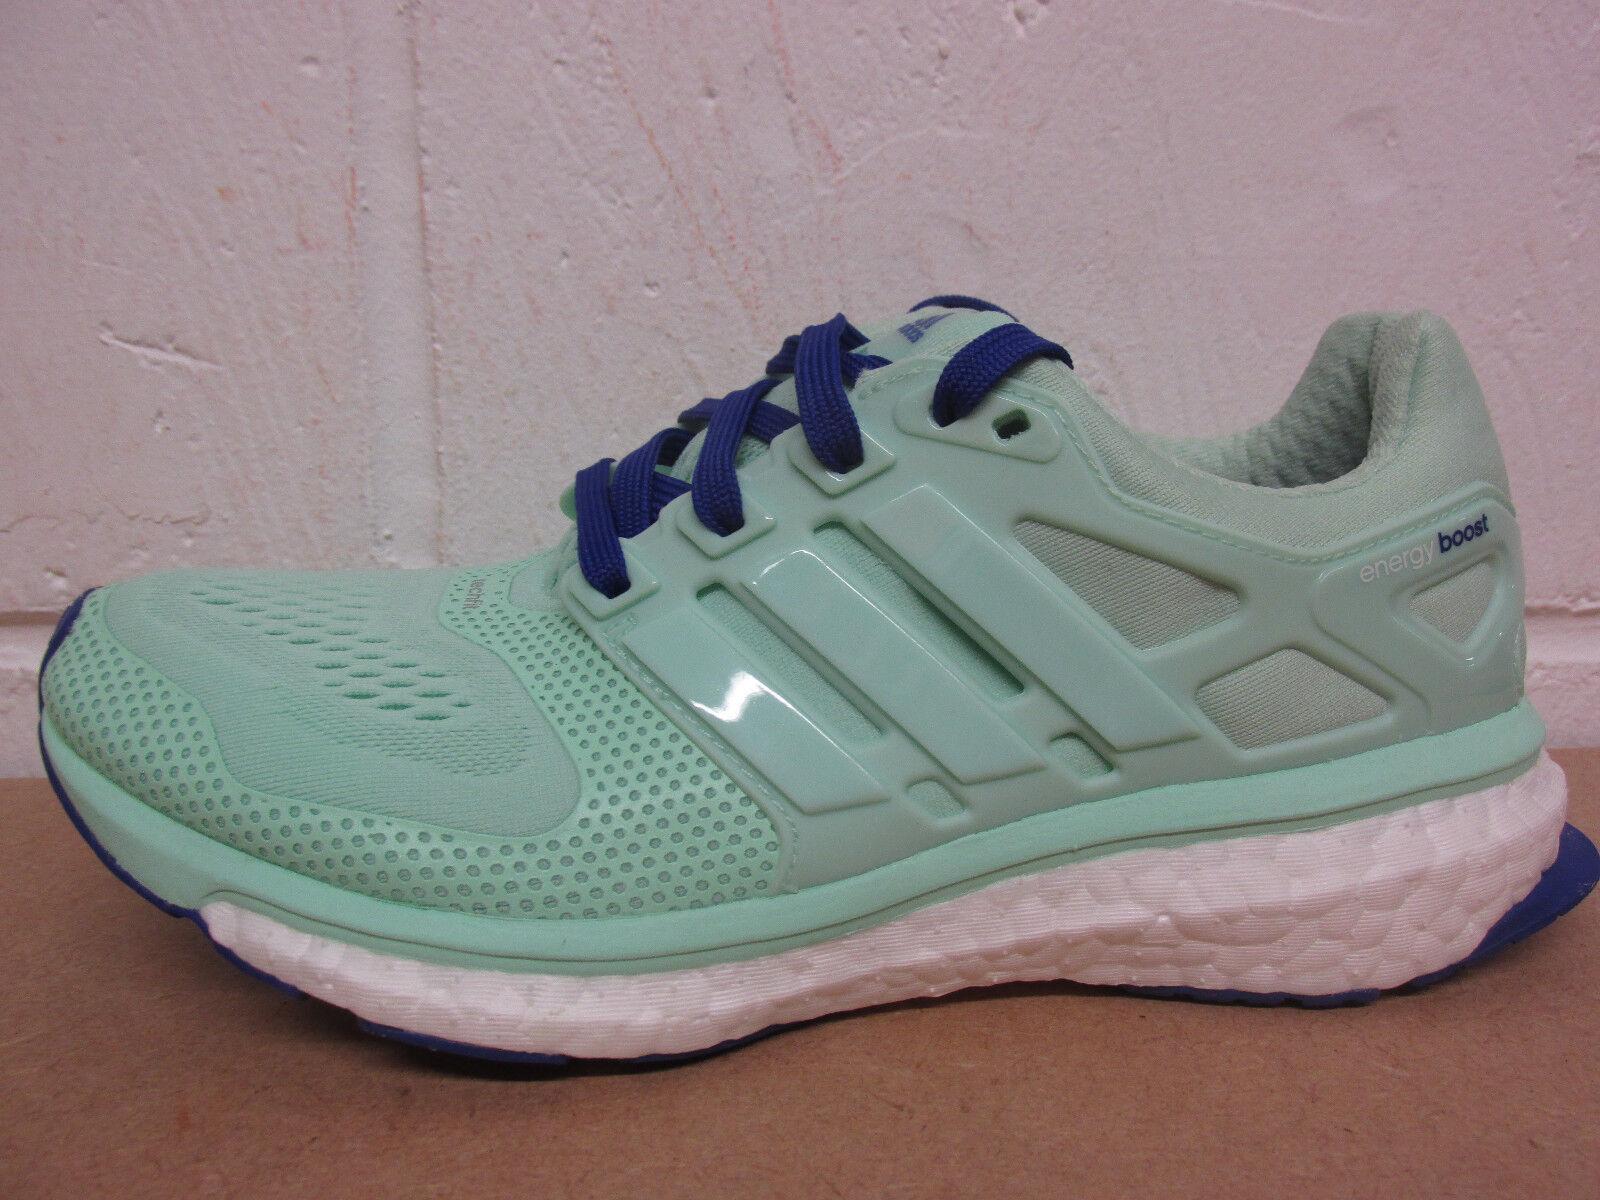 Adidas Adidas Adidas Energy Boost Esm Damen S83147 Laufschuhe  ff2741